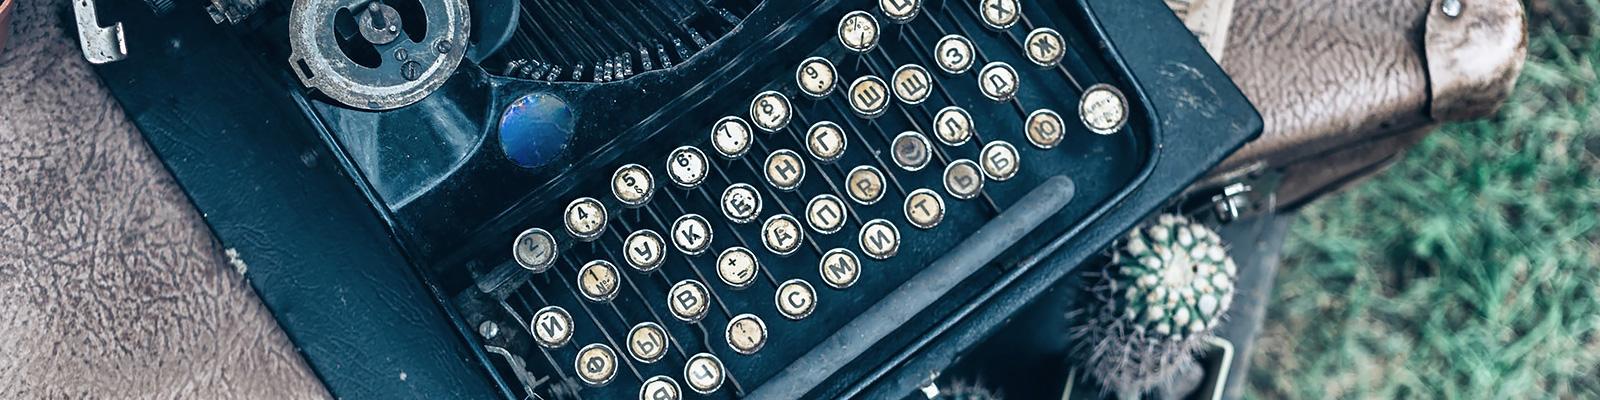 タイプライター イメージ